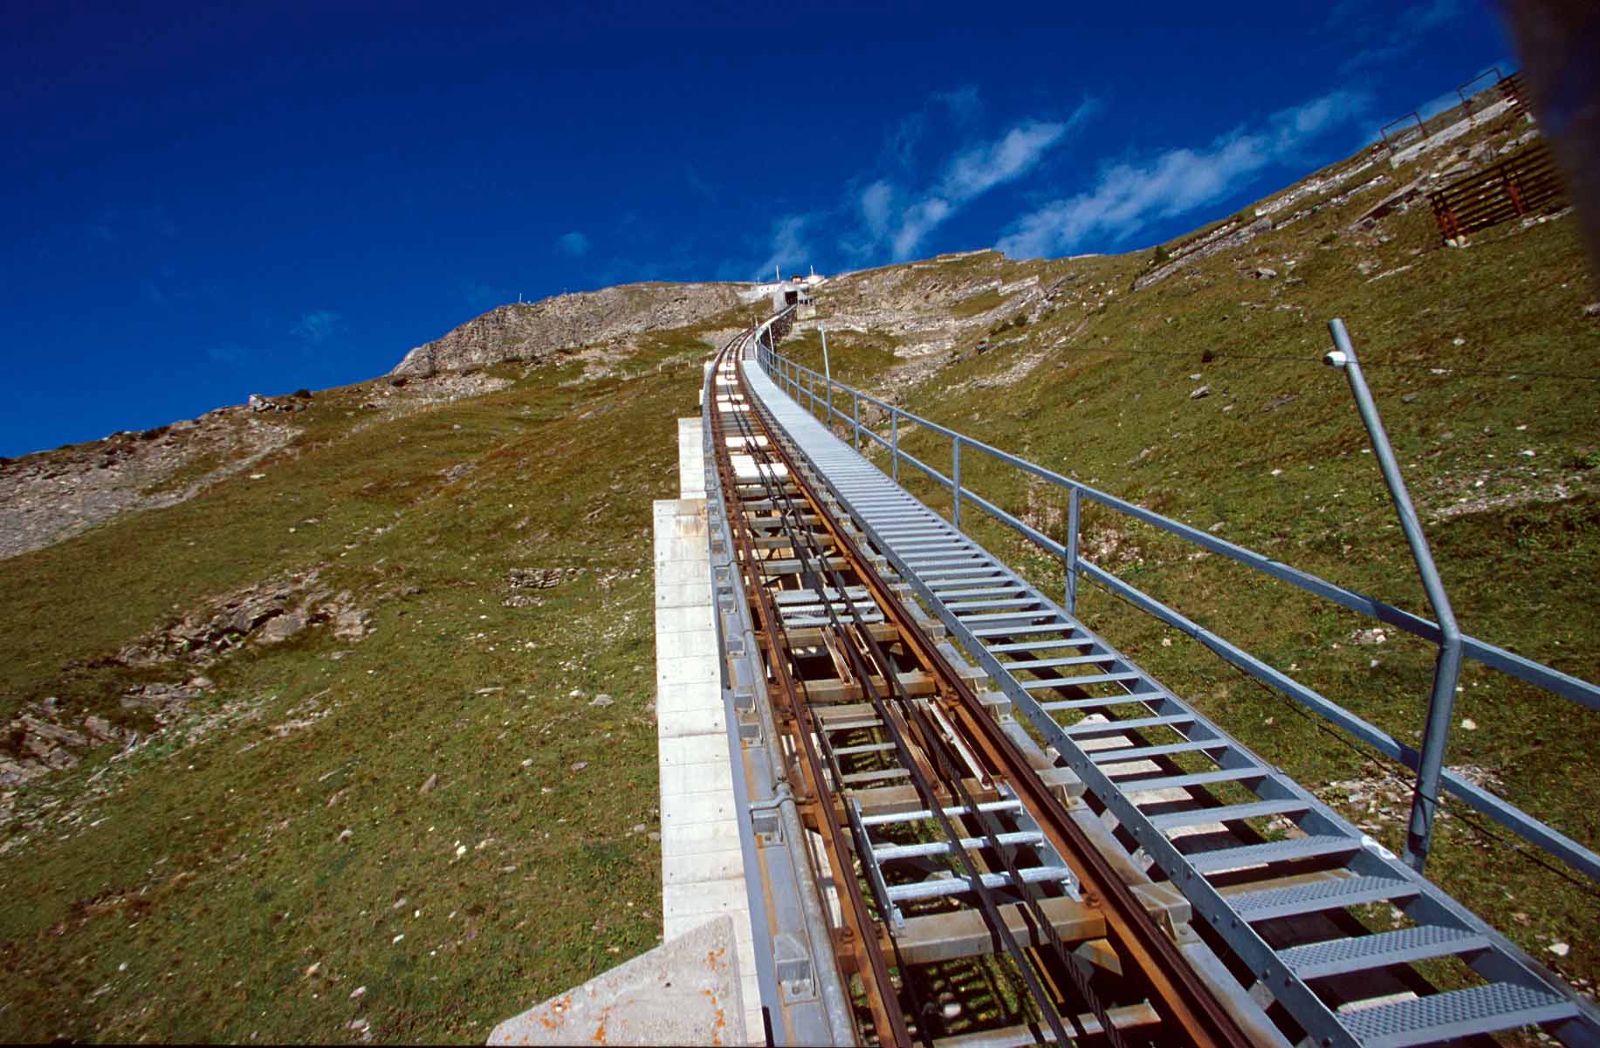 Niesenbahn funicular stairway